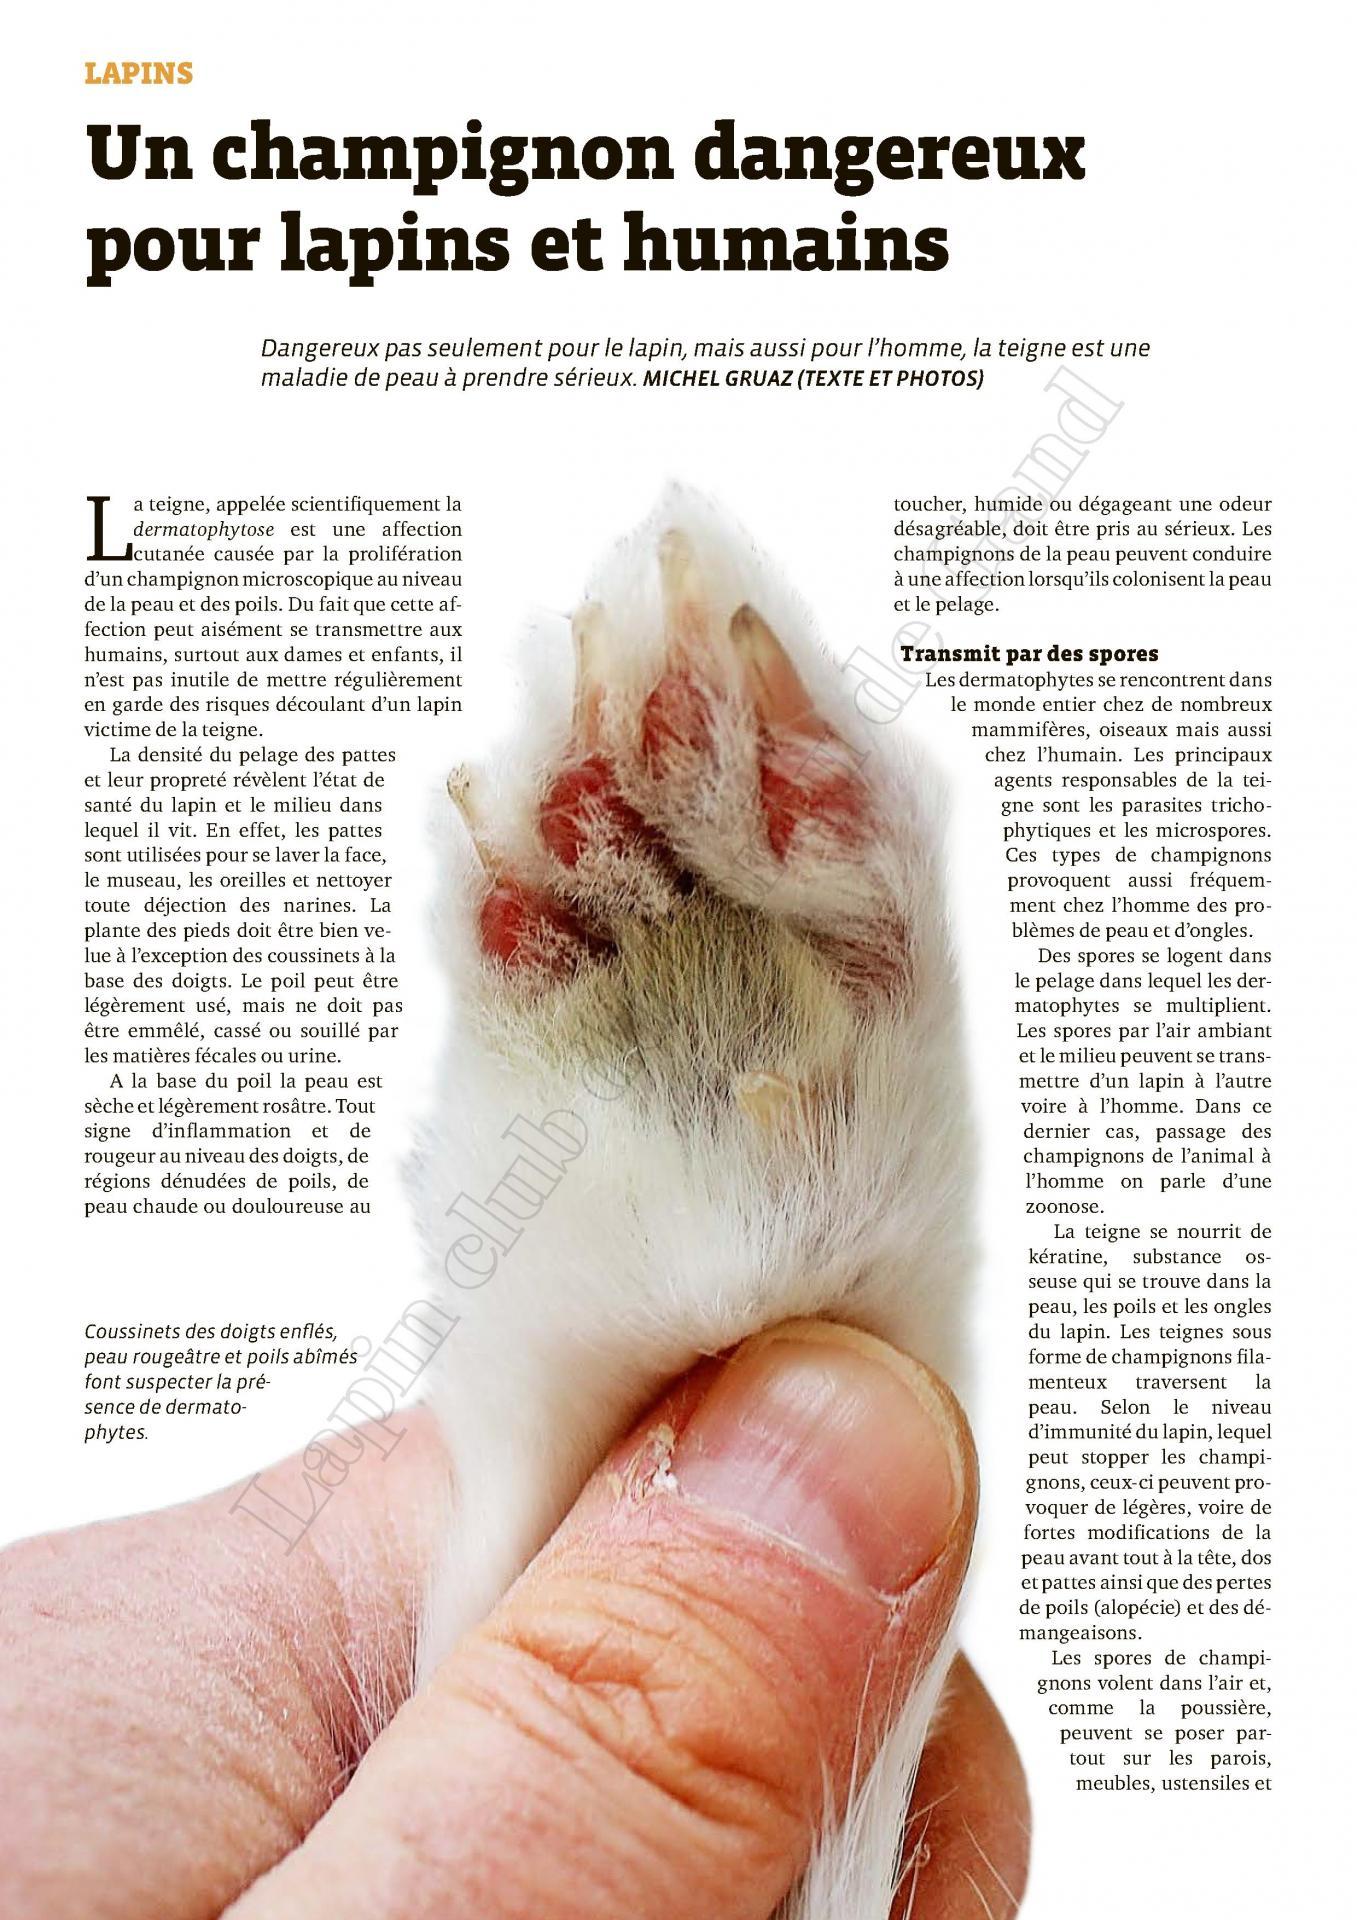 N 12 2020 un champignons dangereux pour lapin et humain 2